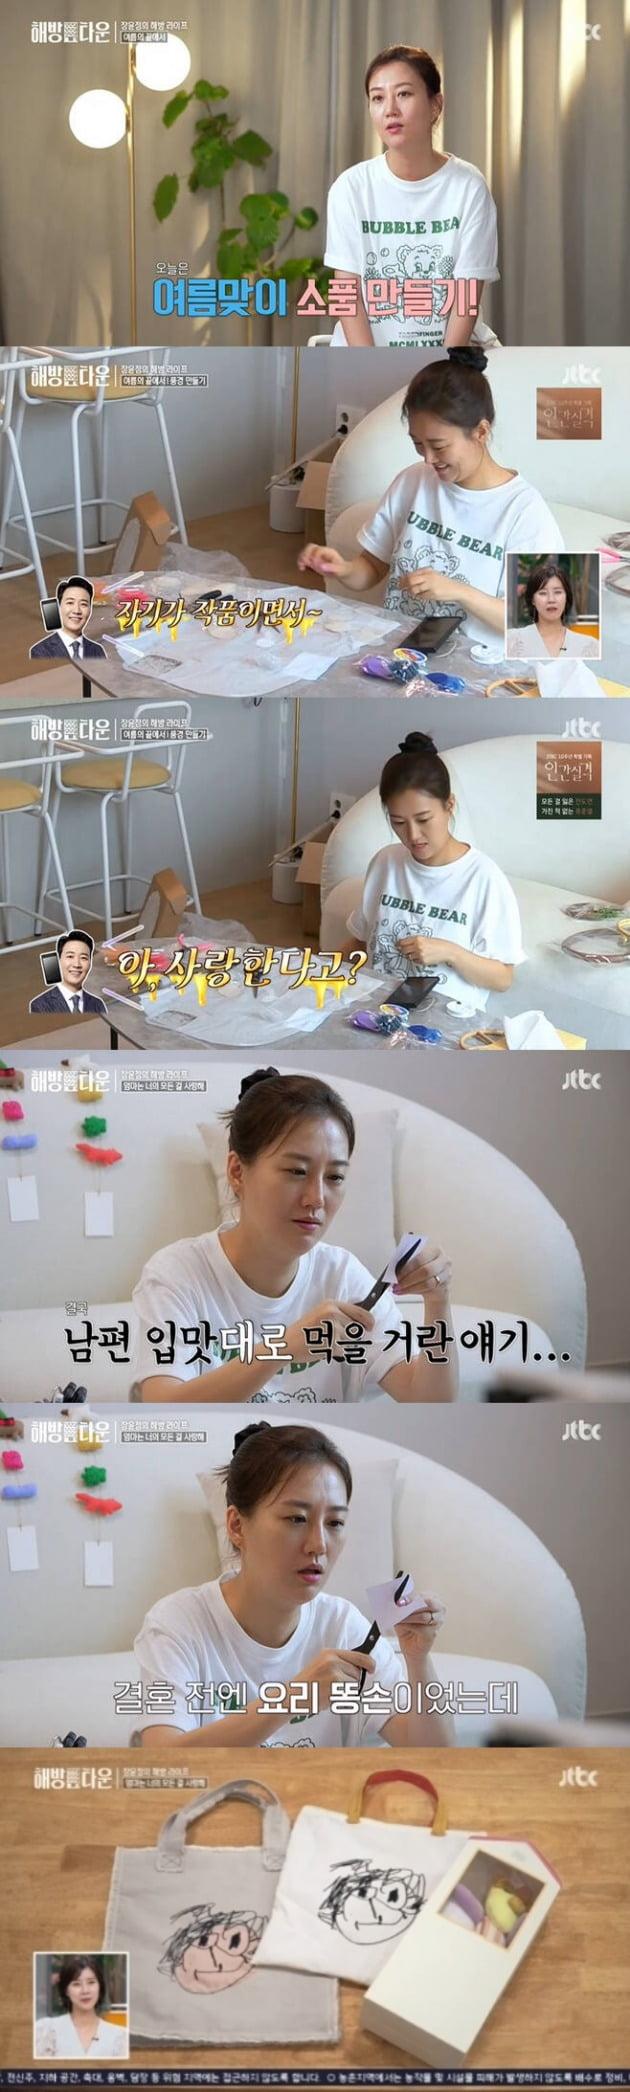 사진=JTBC '해방타운' 방송 화면.